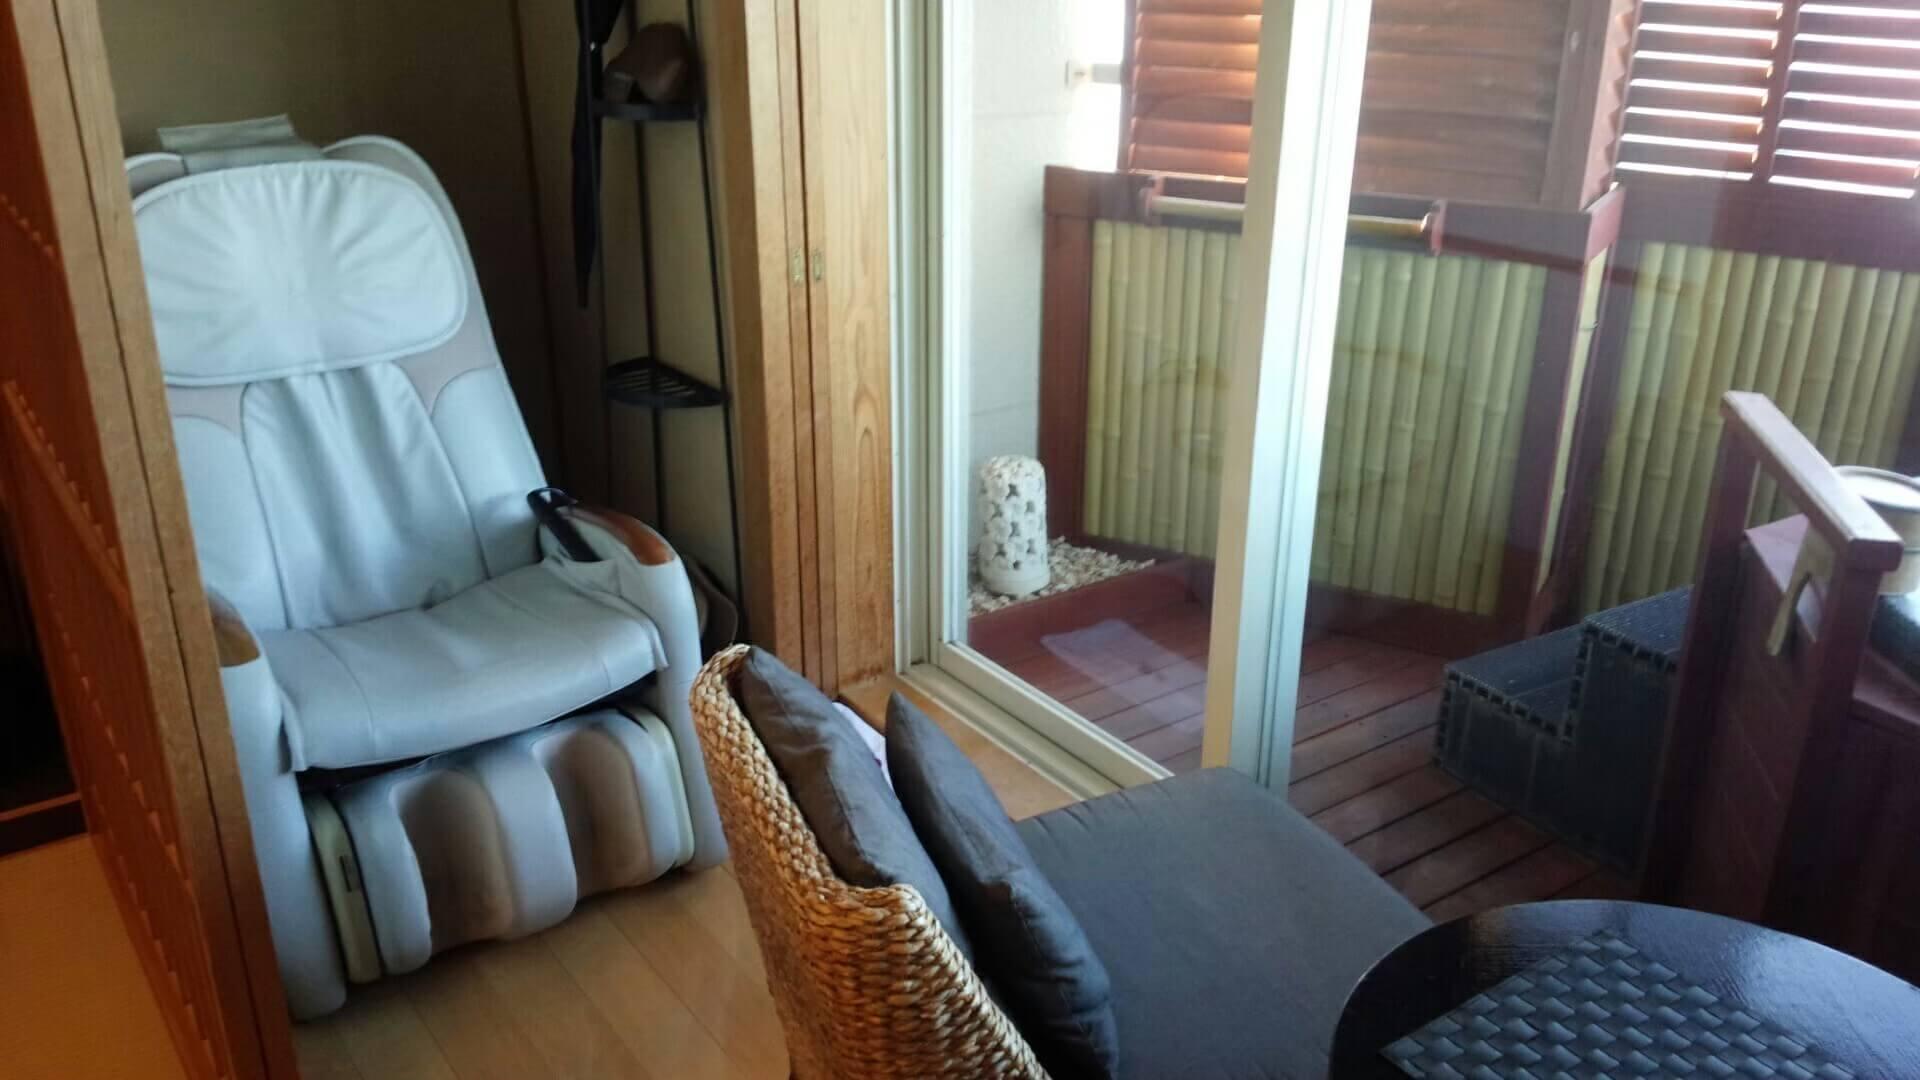 伊豆の高級旅館、風の薫の客室(慶太ブログ)